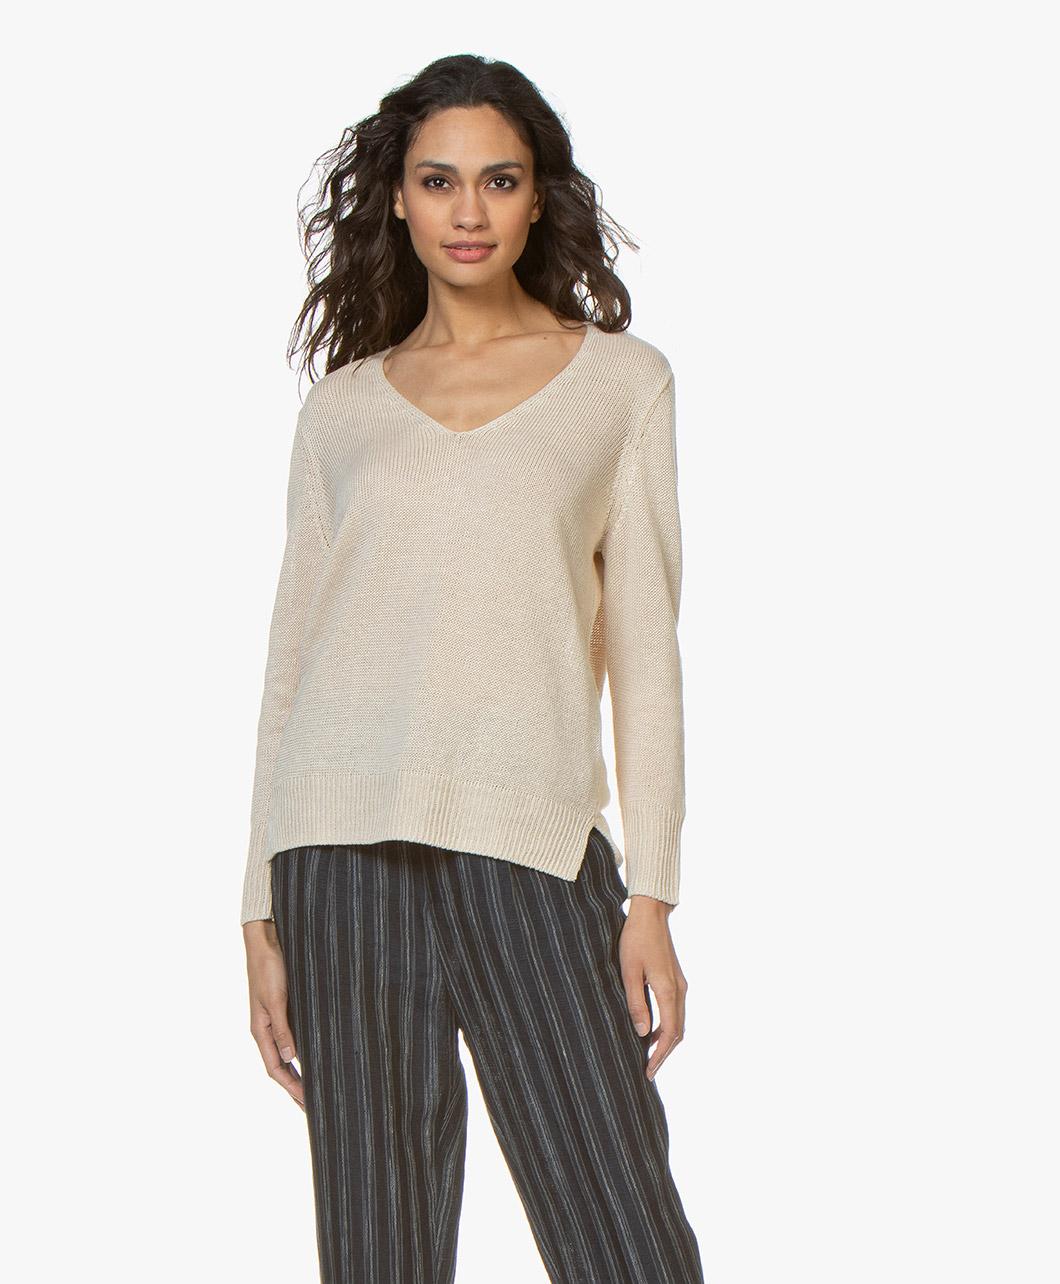 2c7dda92f54 Filippa K Shiny Linen V-neck Sweater - Sahara - 25947 8237 - sahara